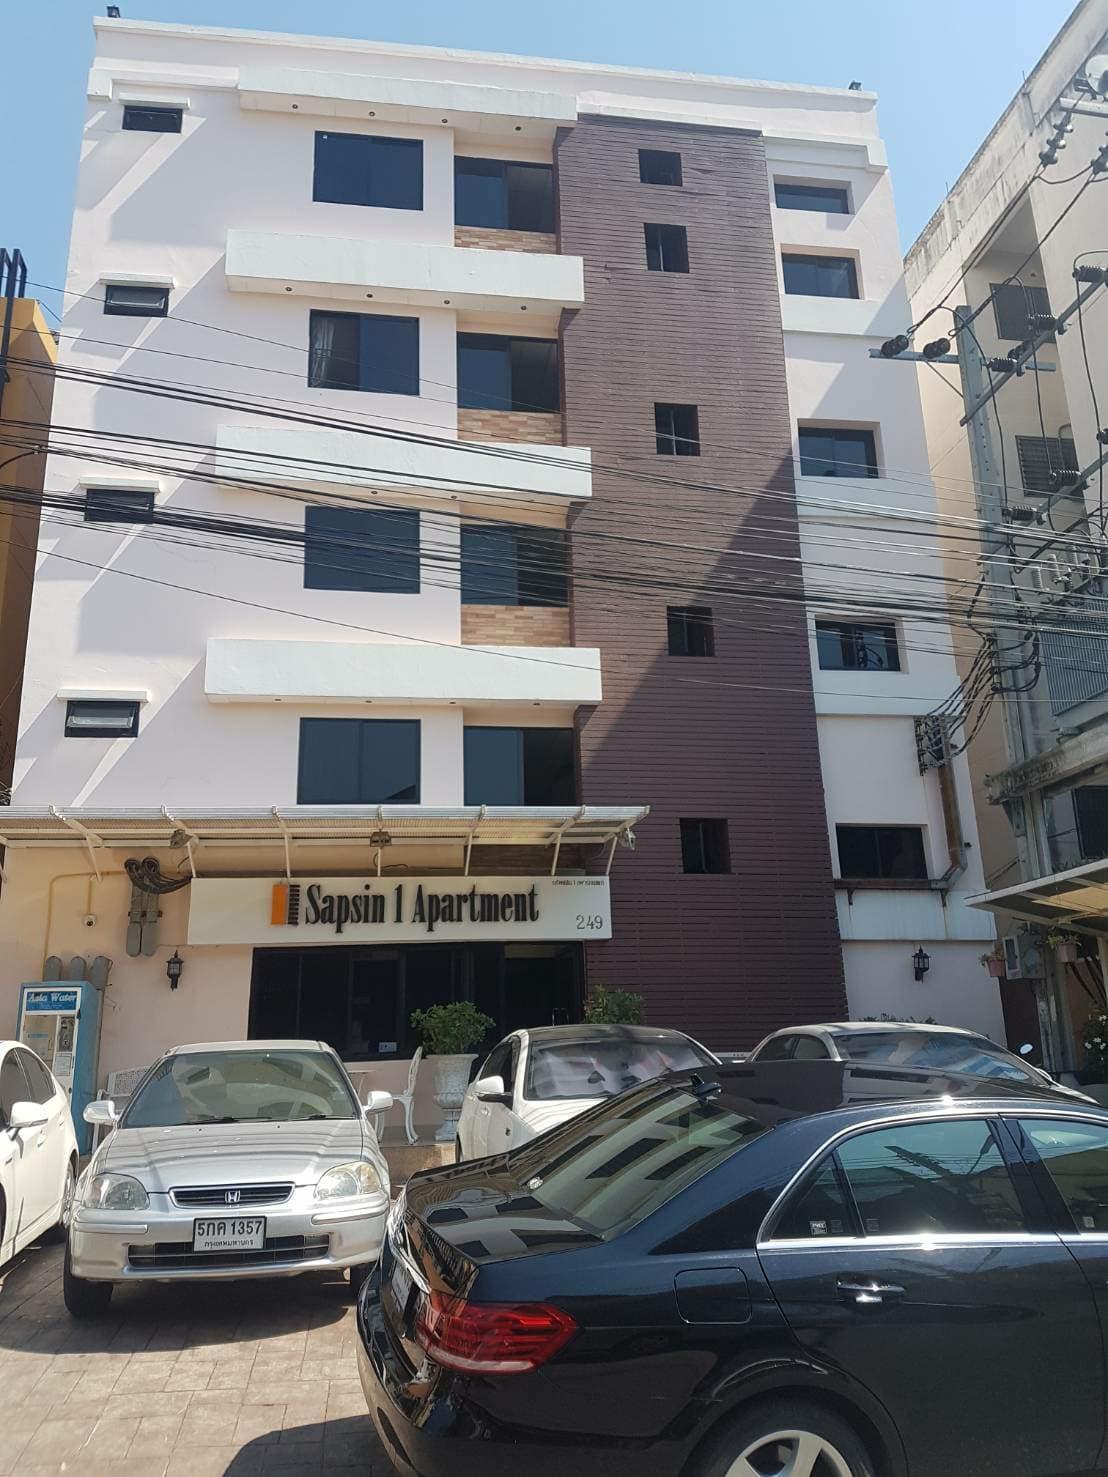 Sapsin 1 Apartment